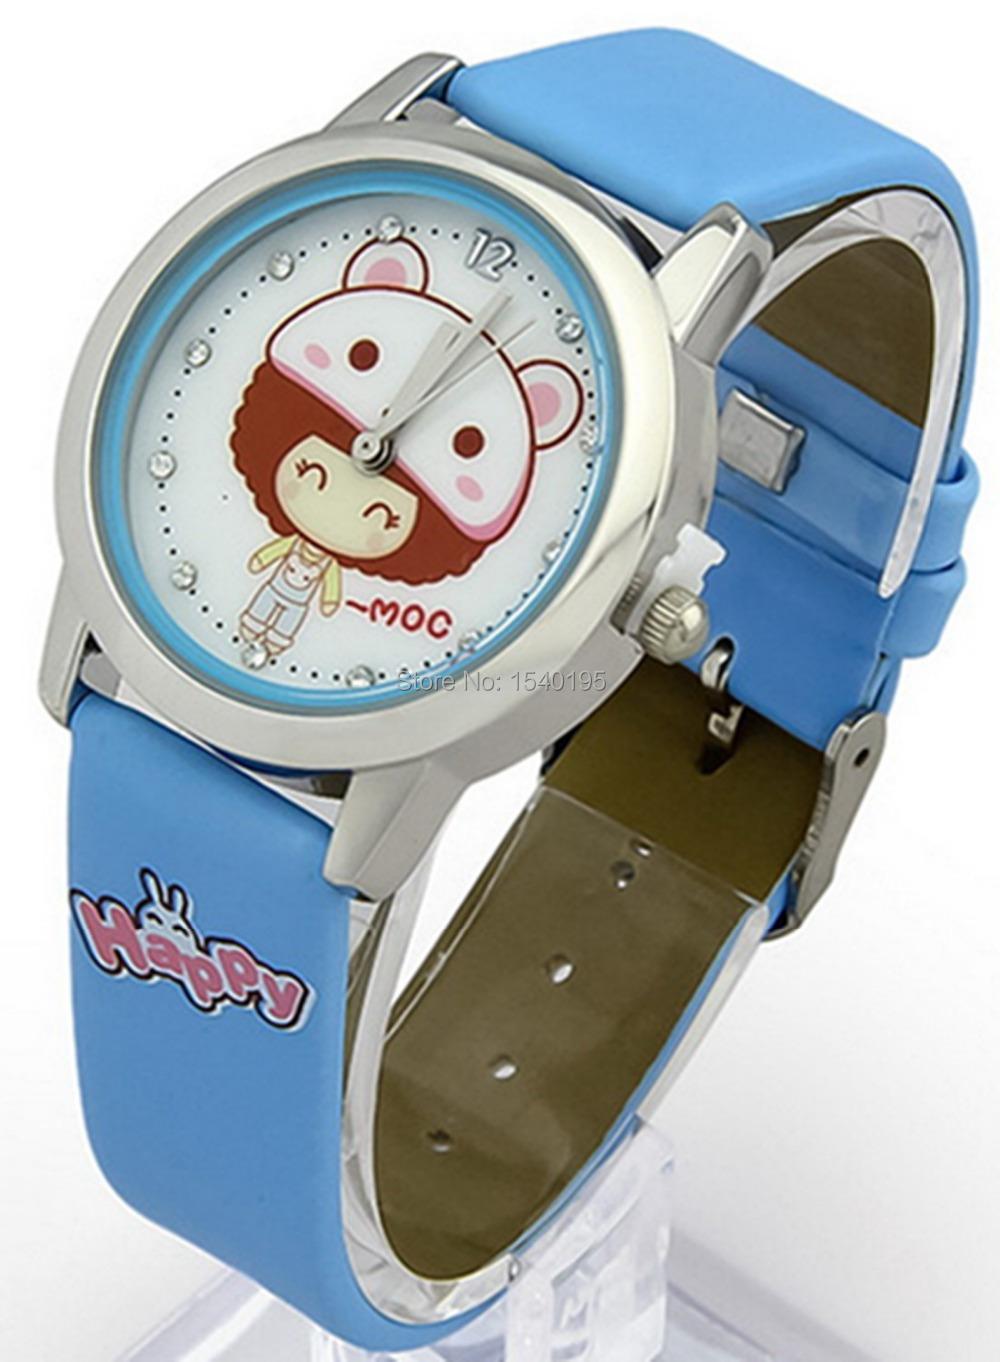 Kezzi KidsWatches K668 Quartz Analog Leather Strap Wrist Watch Cartoon Girls<br><br>Aliexpress